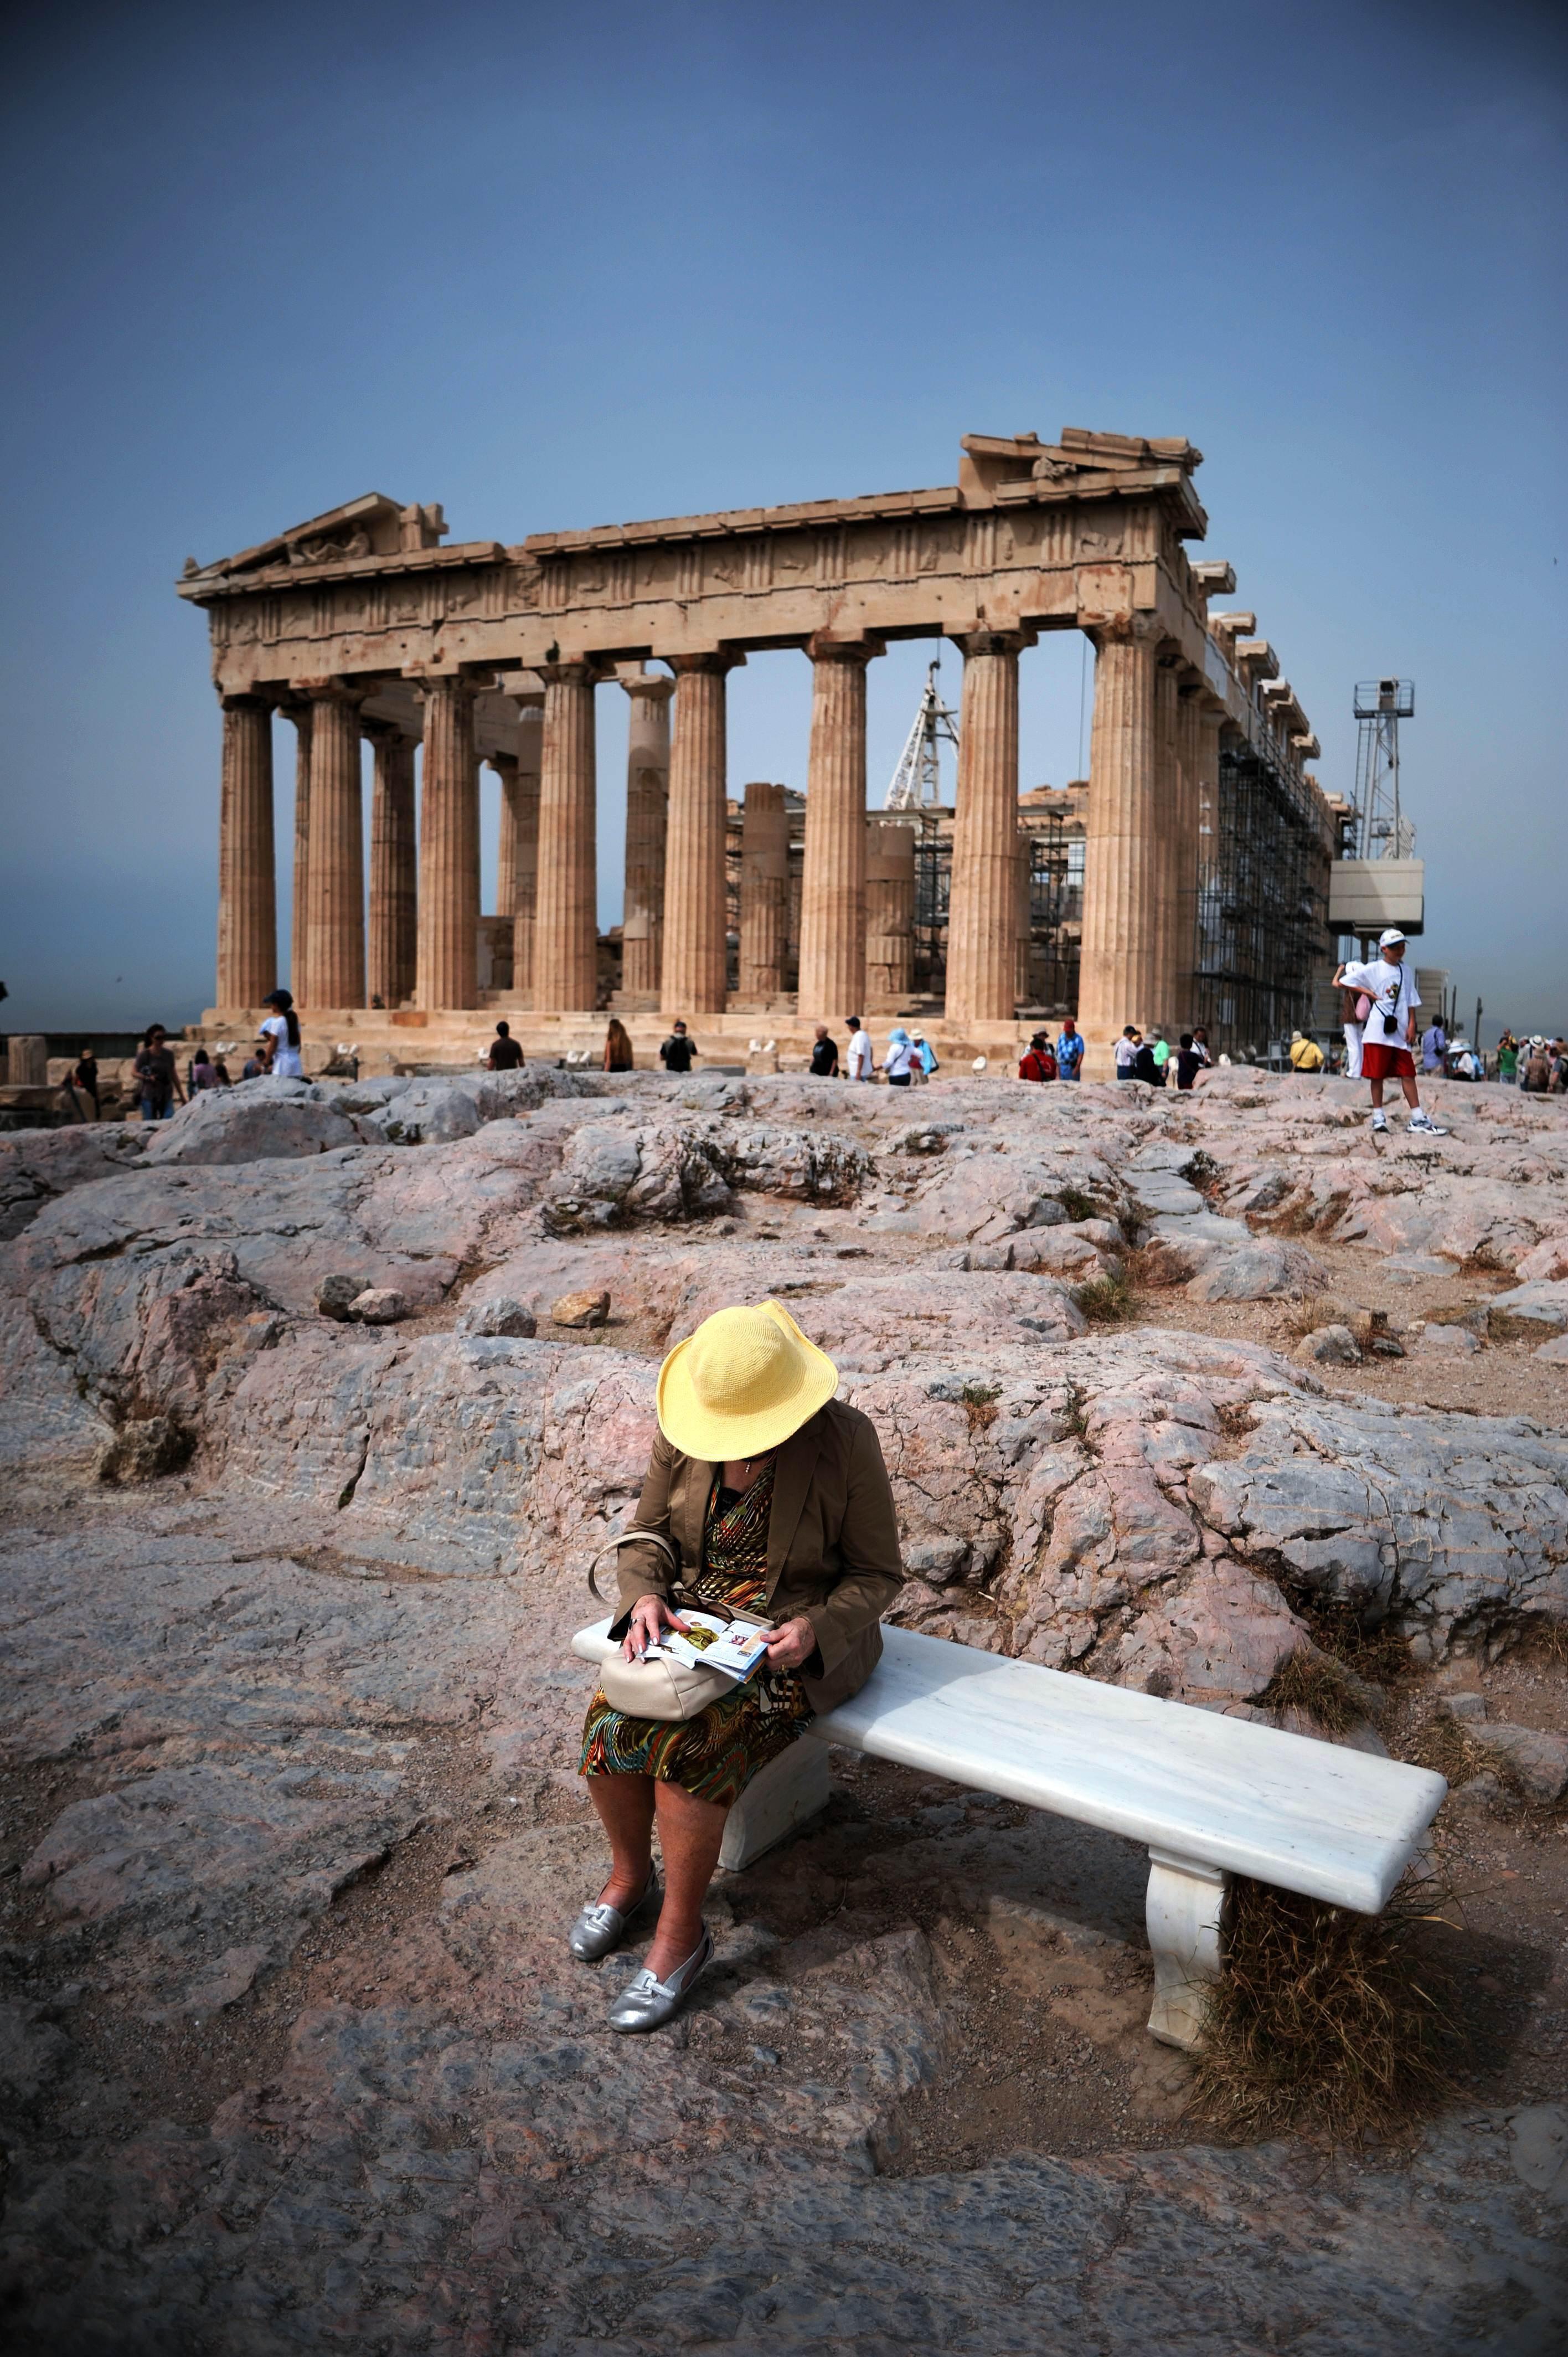 Η Αθήνα θα είναι Παγκόσμια Πρωτεύουσα Βιβλίου για το 2018 από τη Δευτέρα 23